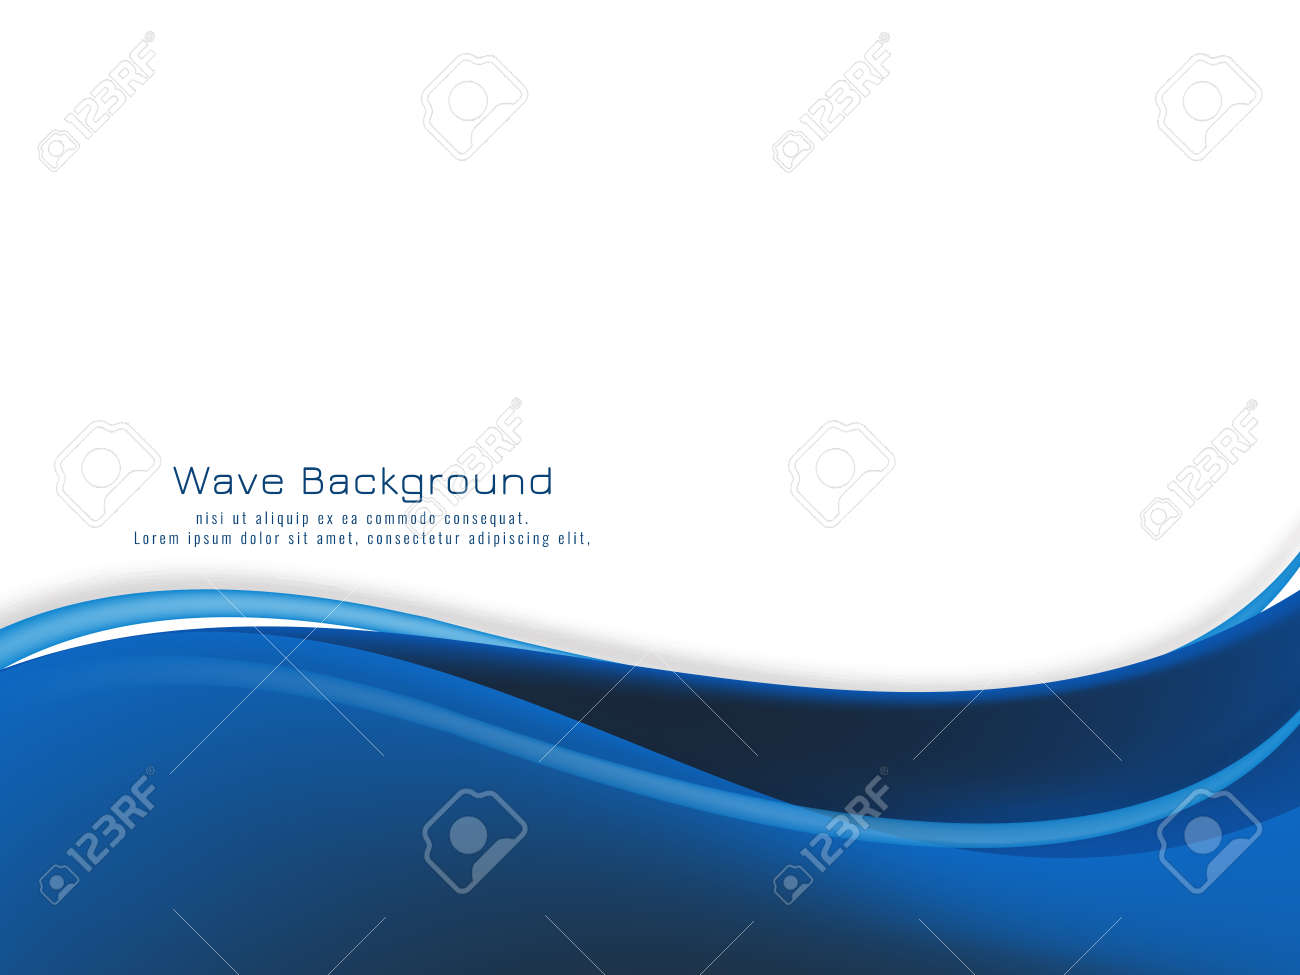 Modern blue wave design background vector - 154562160